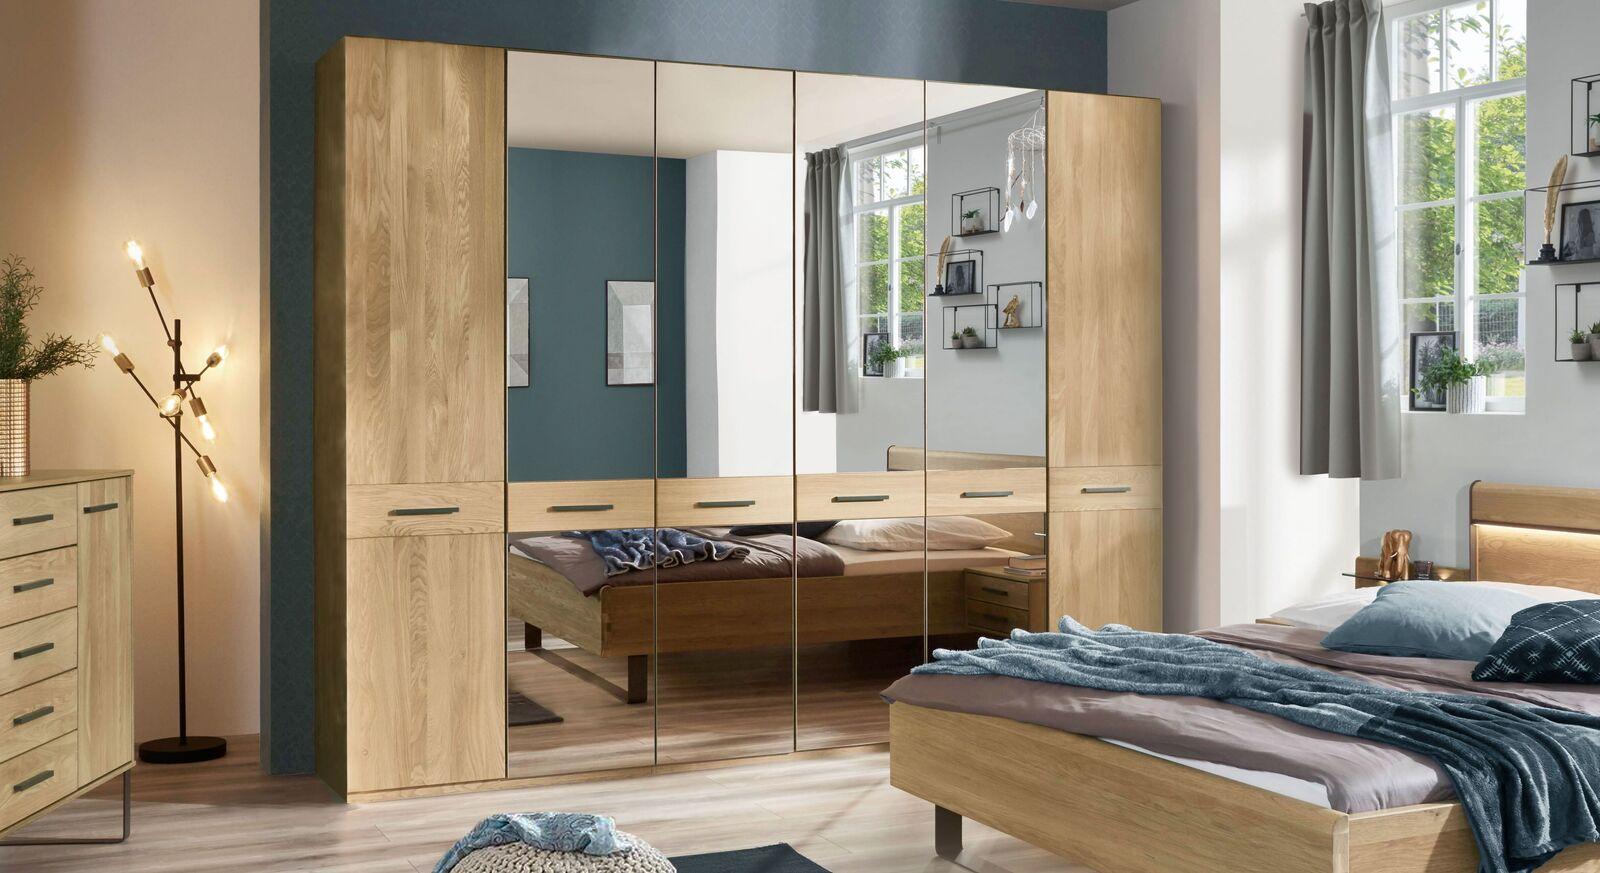 Drehtüren-Kleiderschrank Vitoria mit Spiegeltüren und viel Stauraum